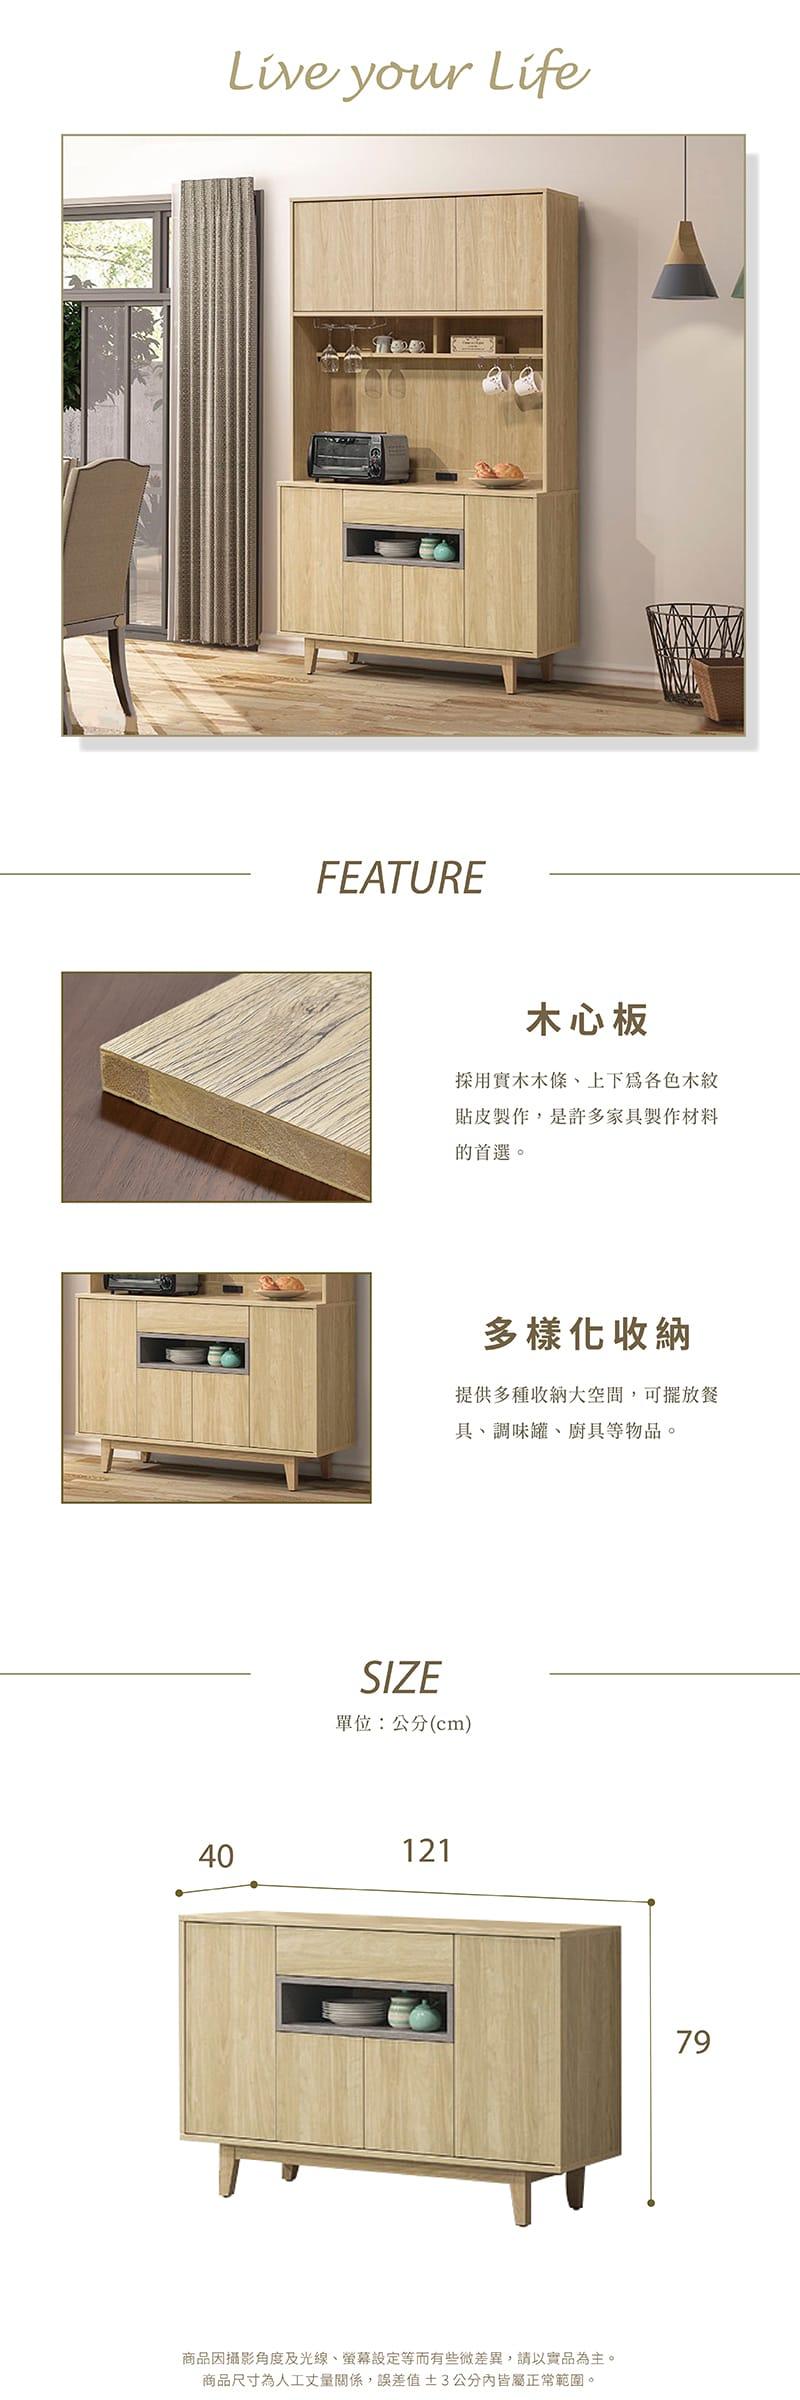 沐夏 北歐風廚櫃下座 寬121cm